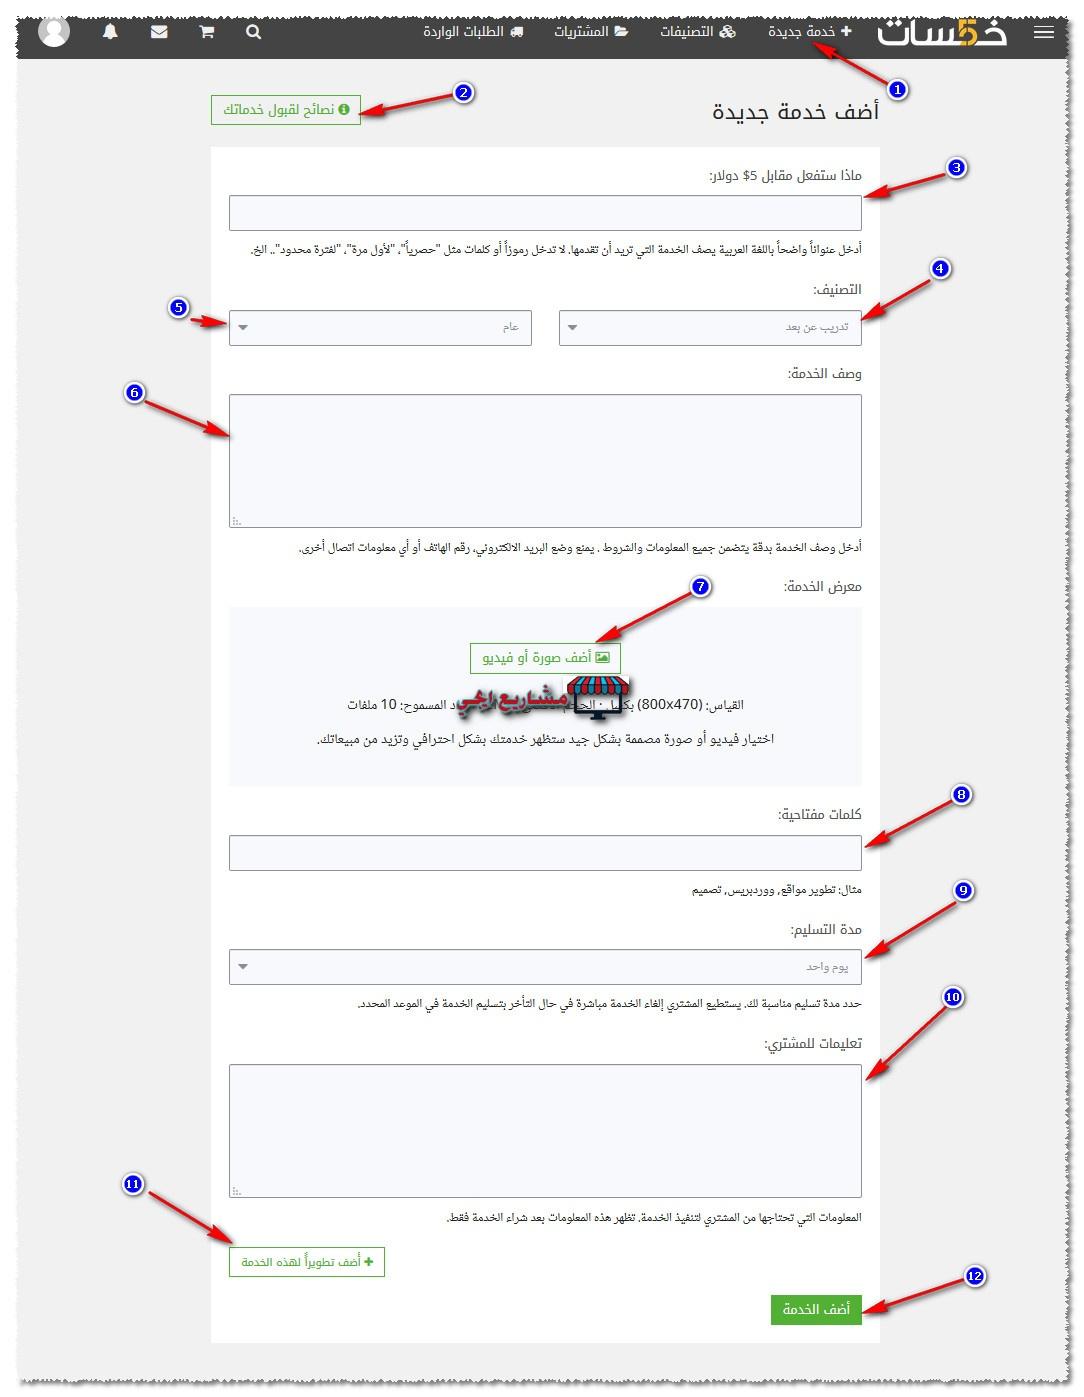 كيفية اضافة خدمة على موقع خمسات